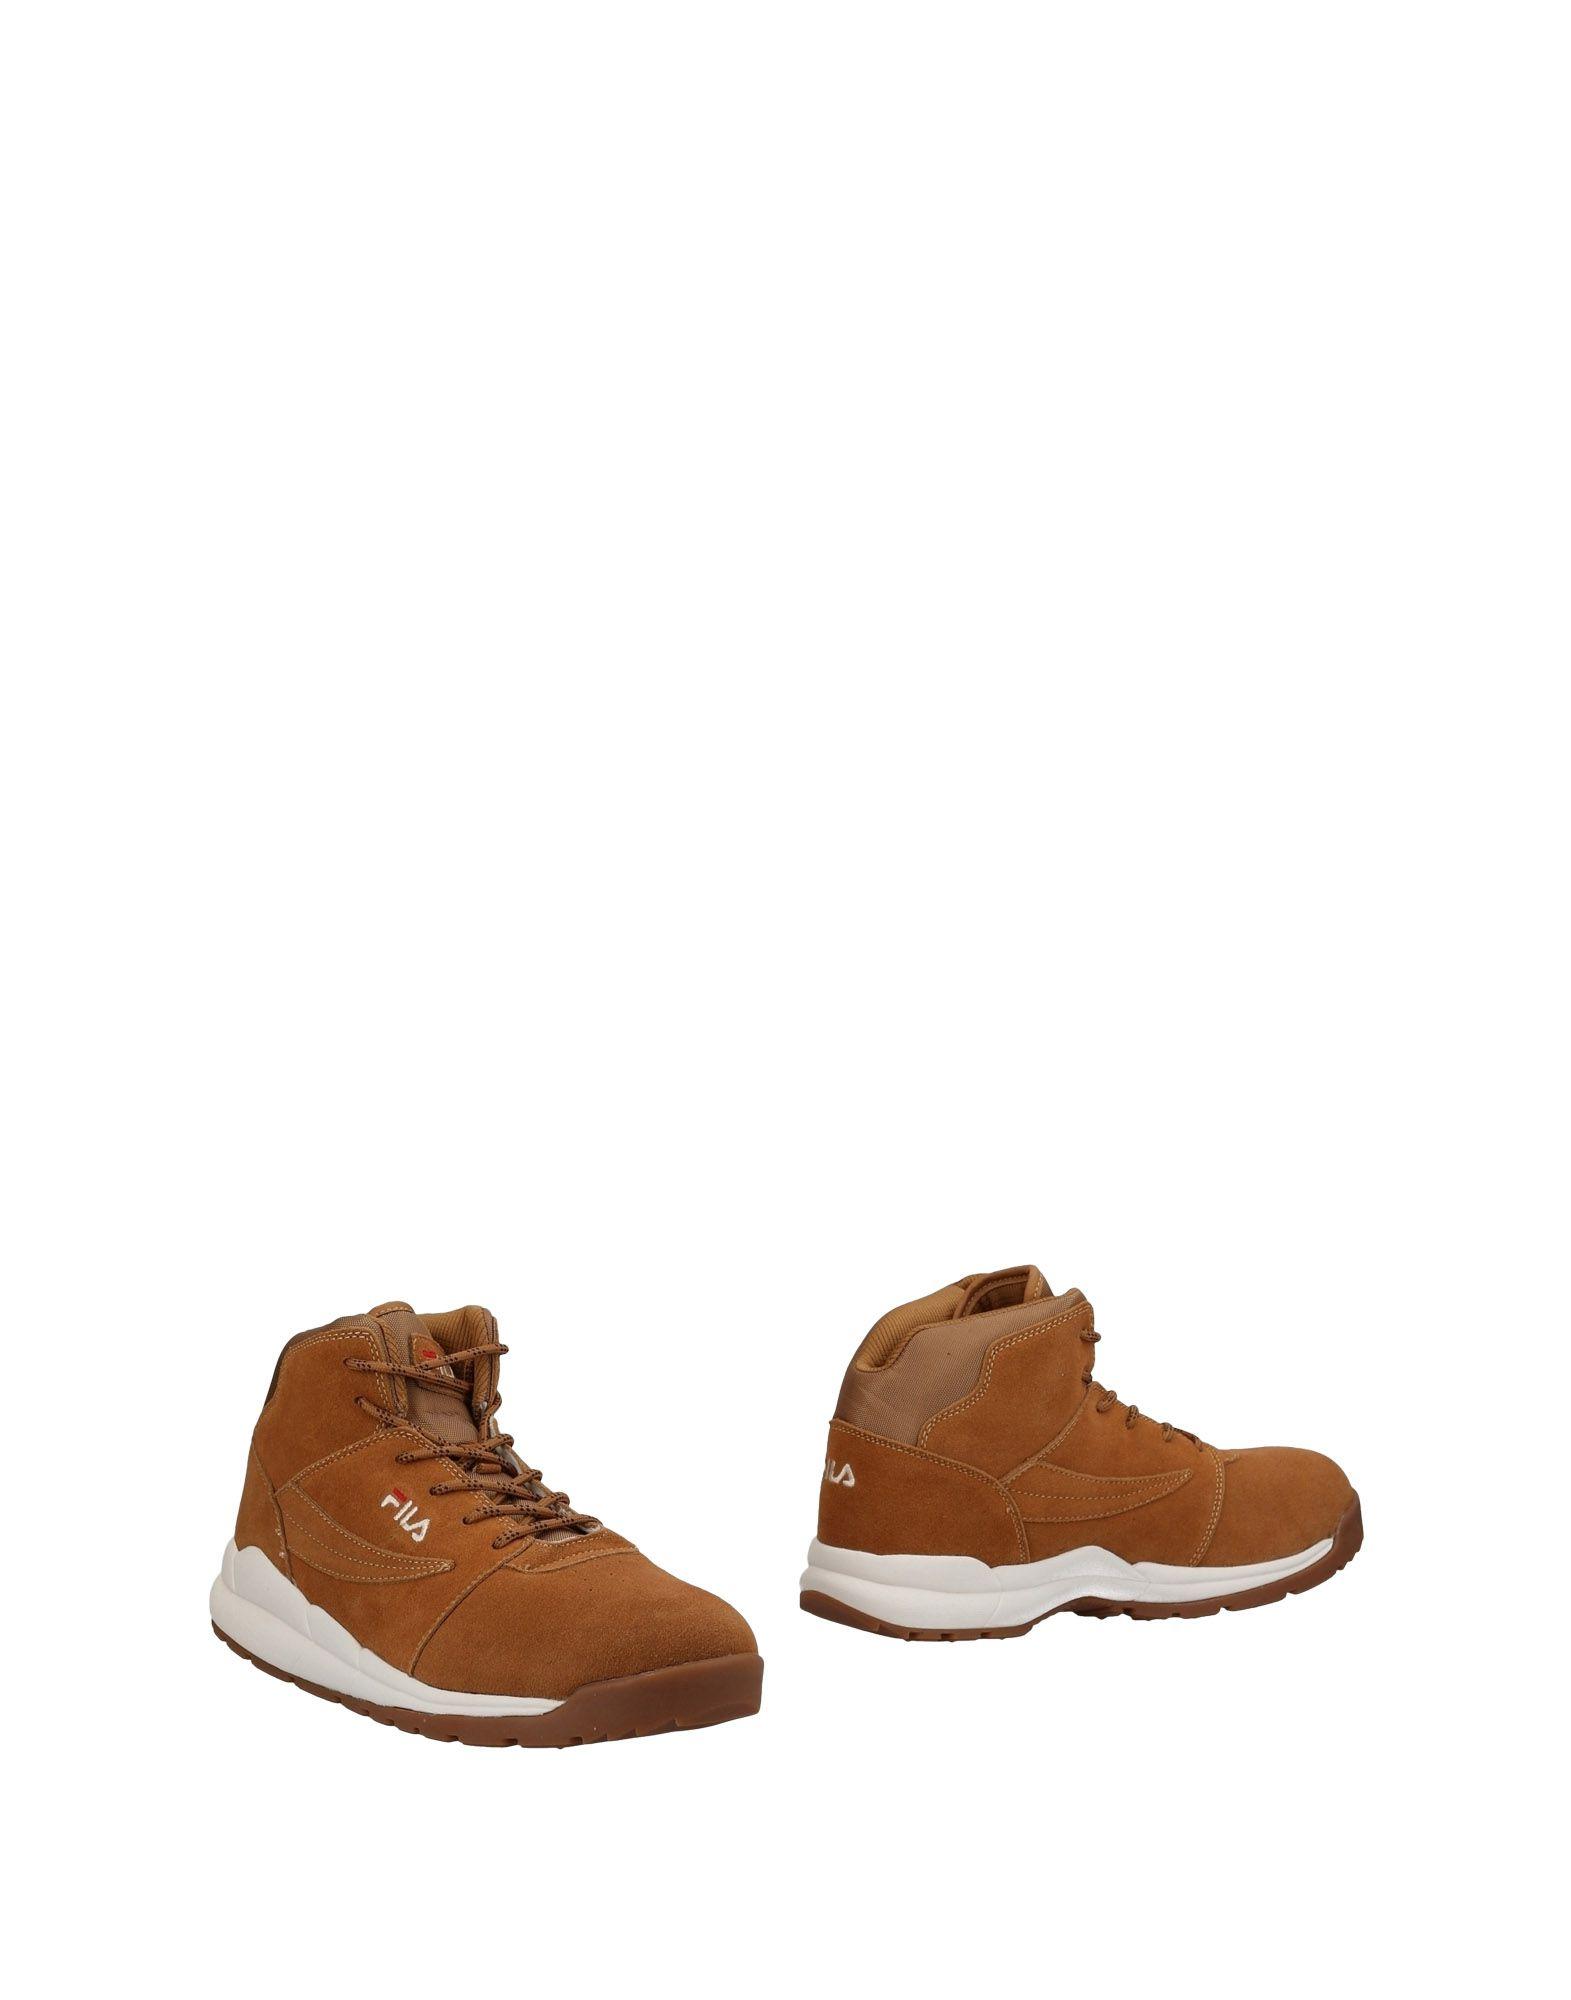 Rabatt Herren echte Schuhe Fila Stiefelette Herren Rabatt  11483967LK ffbad6